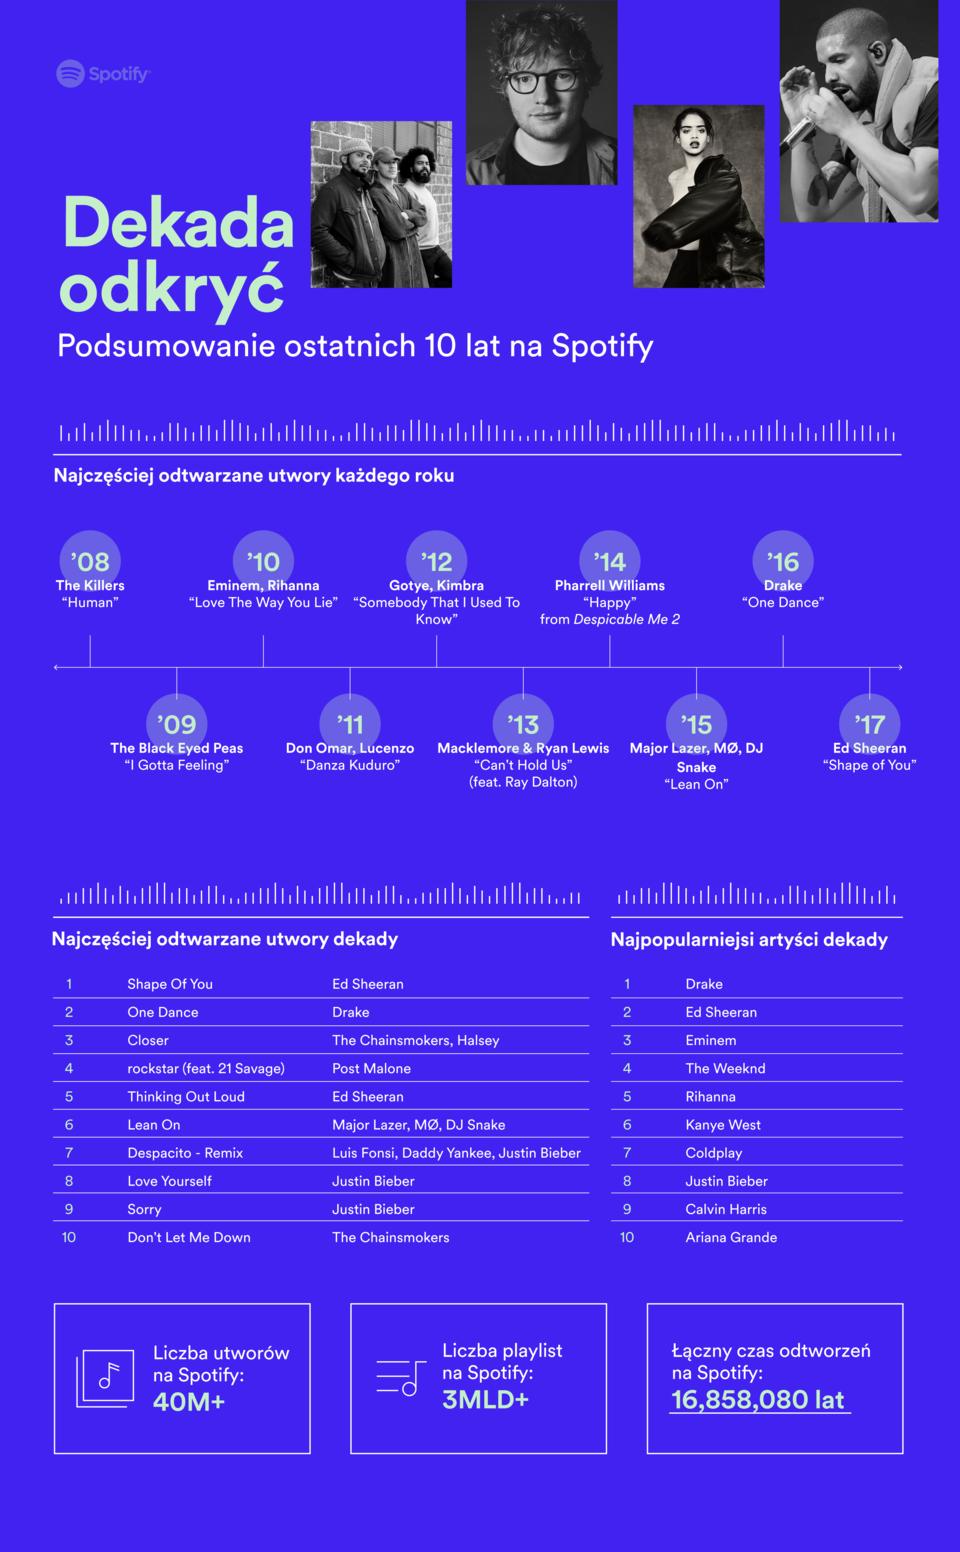 spotify podsumowało 10 lat